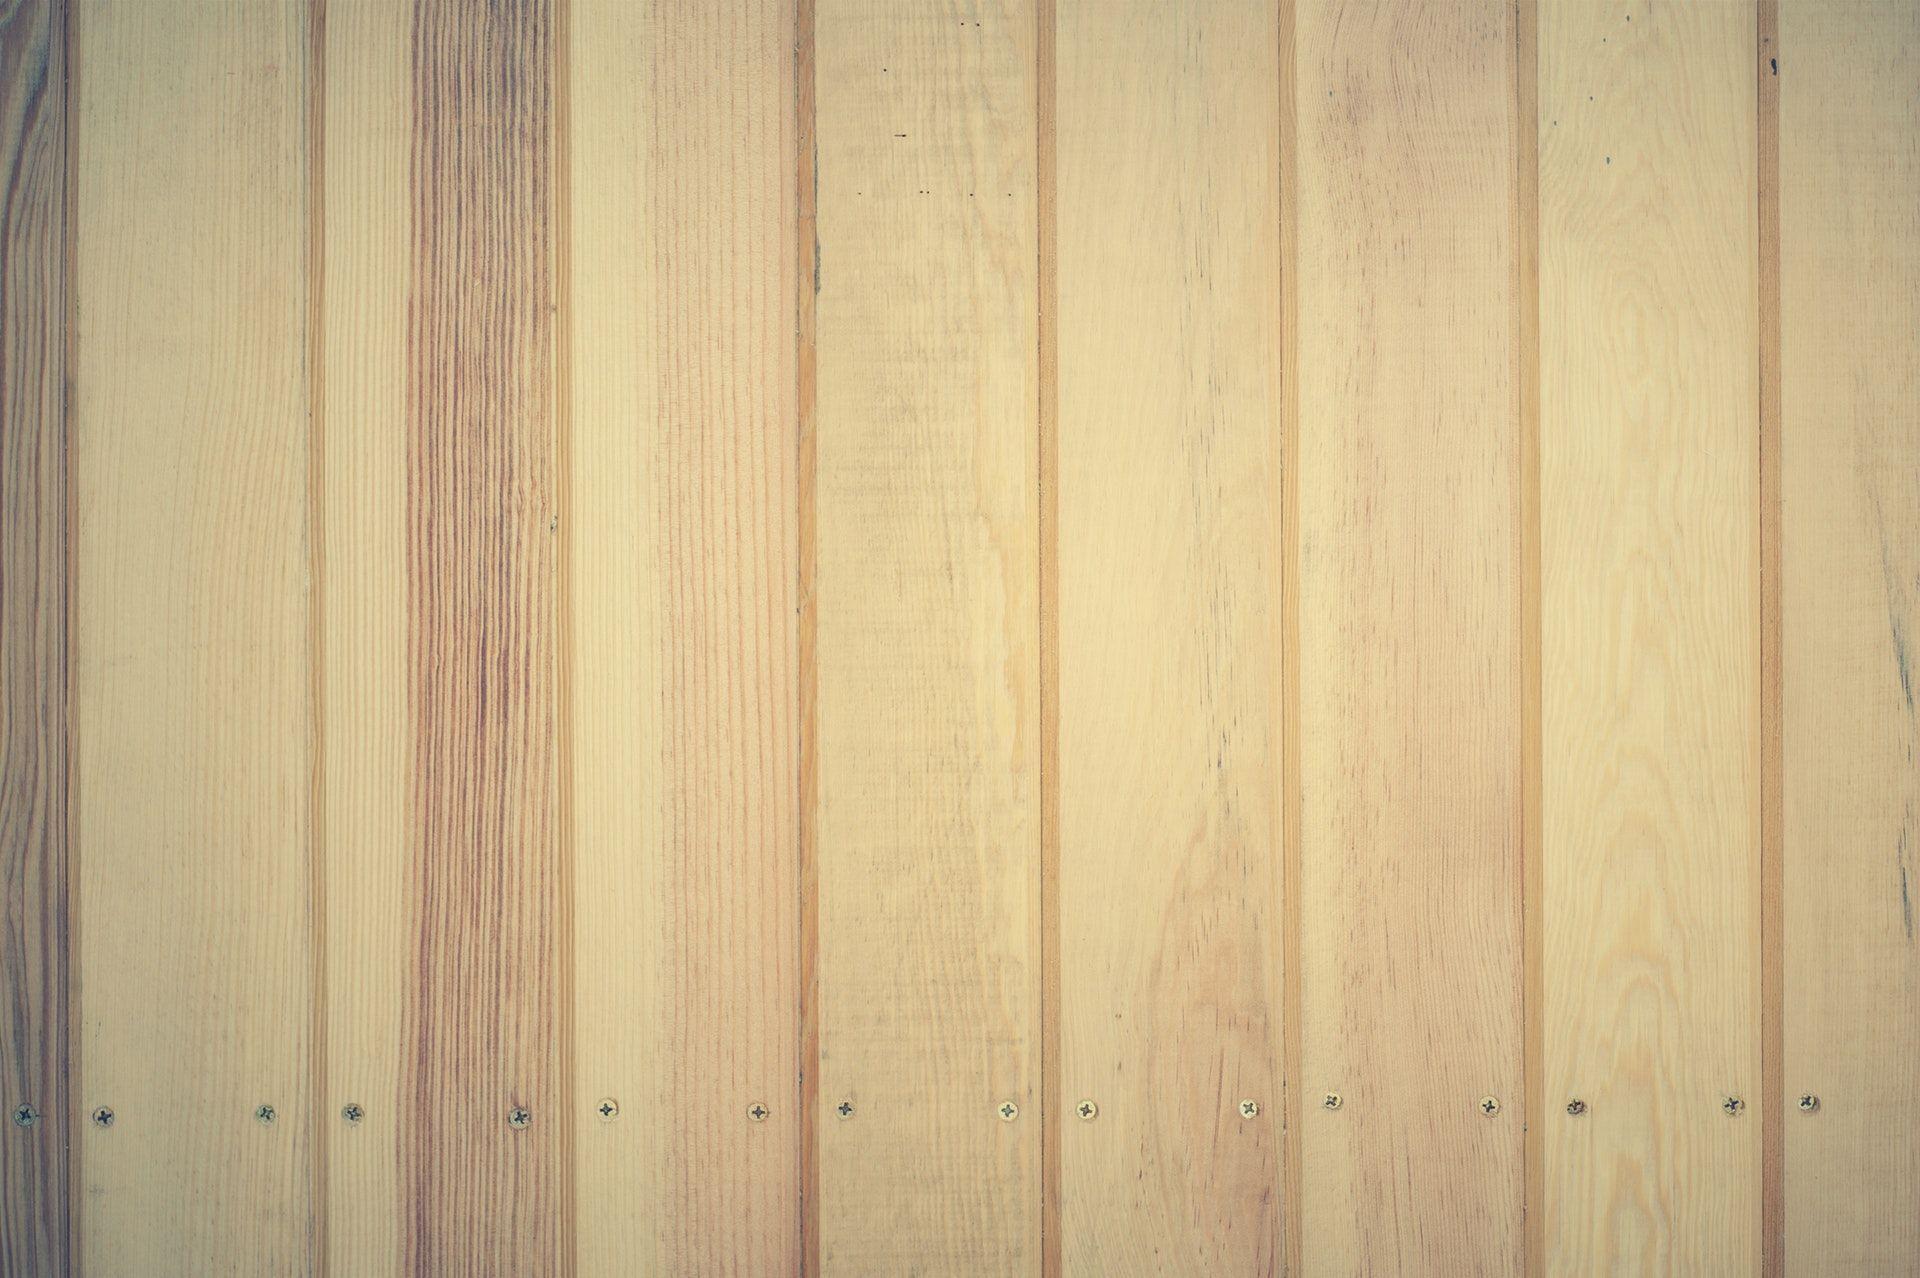 عکس زمینه سطح قهوه ای چوبی پس زمینه